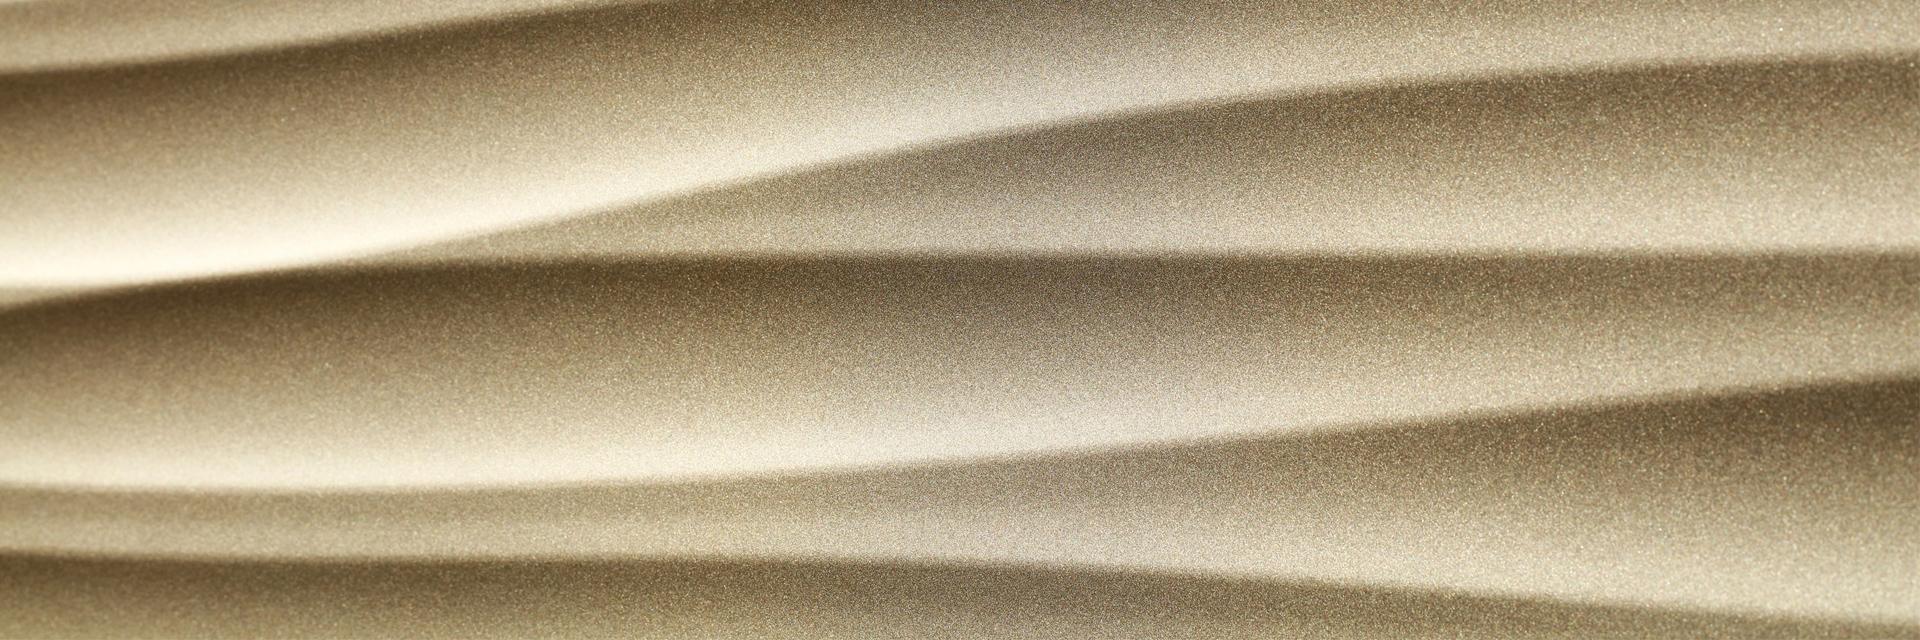 Dreidimensional geformtes Fassadenblech, beschichtet mit Duraflon Metallisé Glimmer sandgold matt